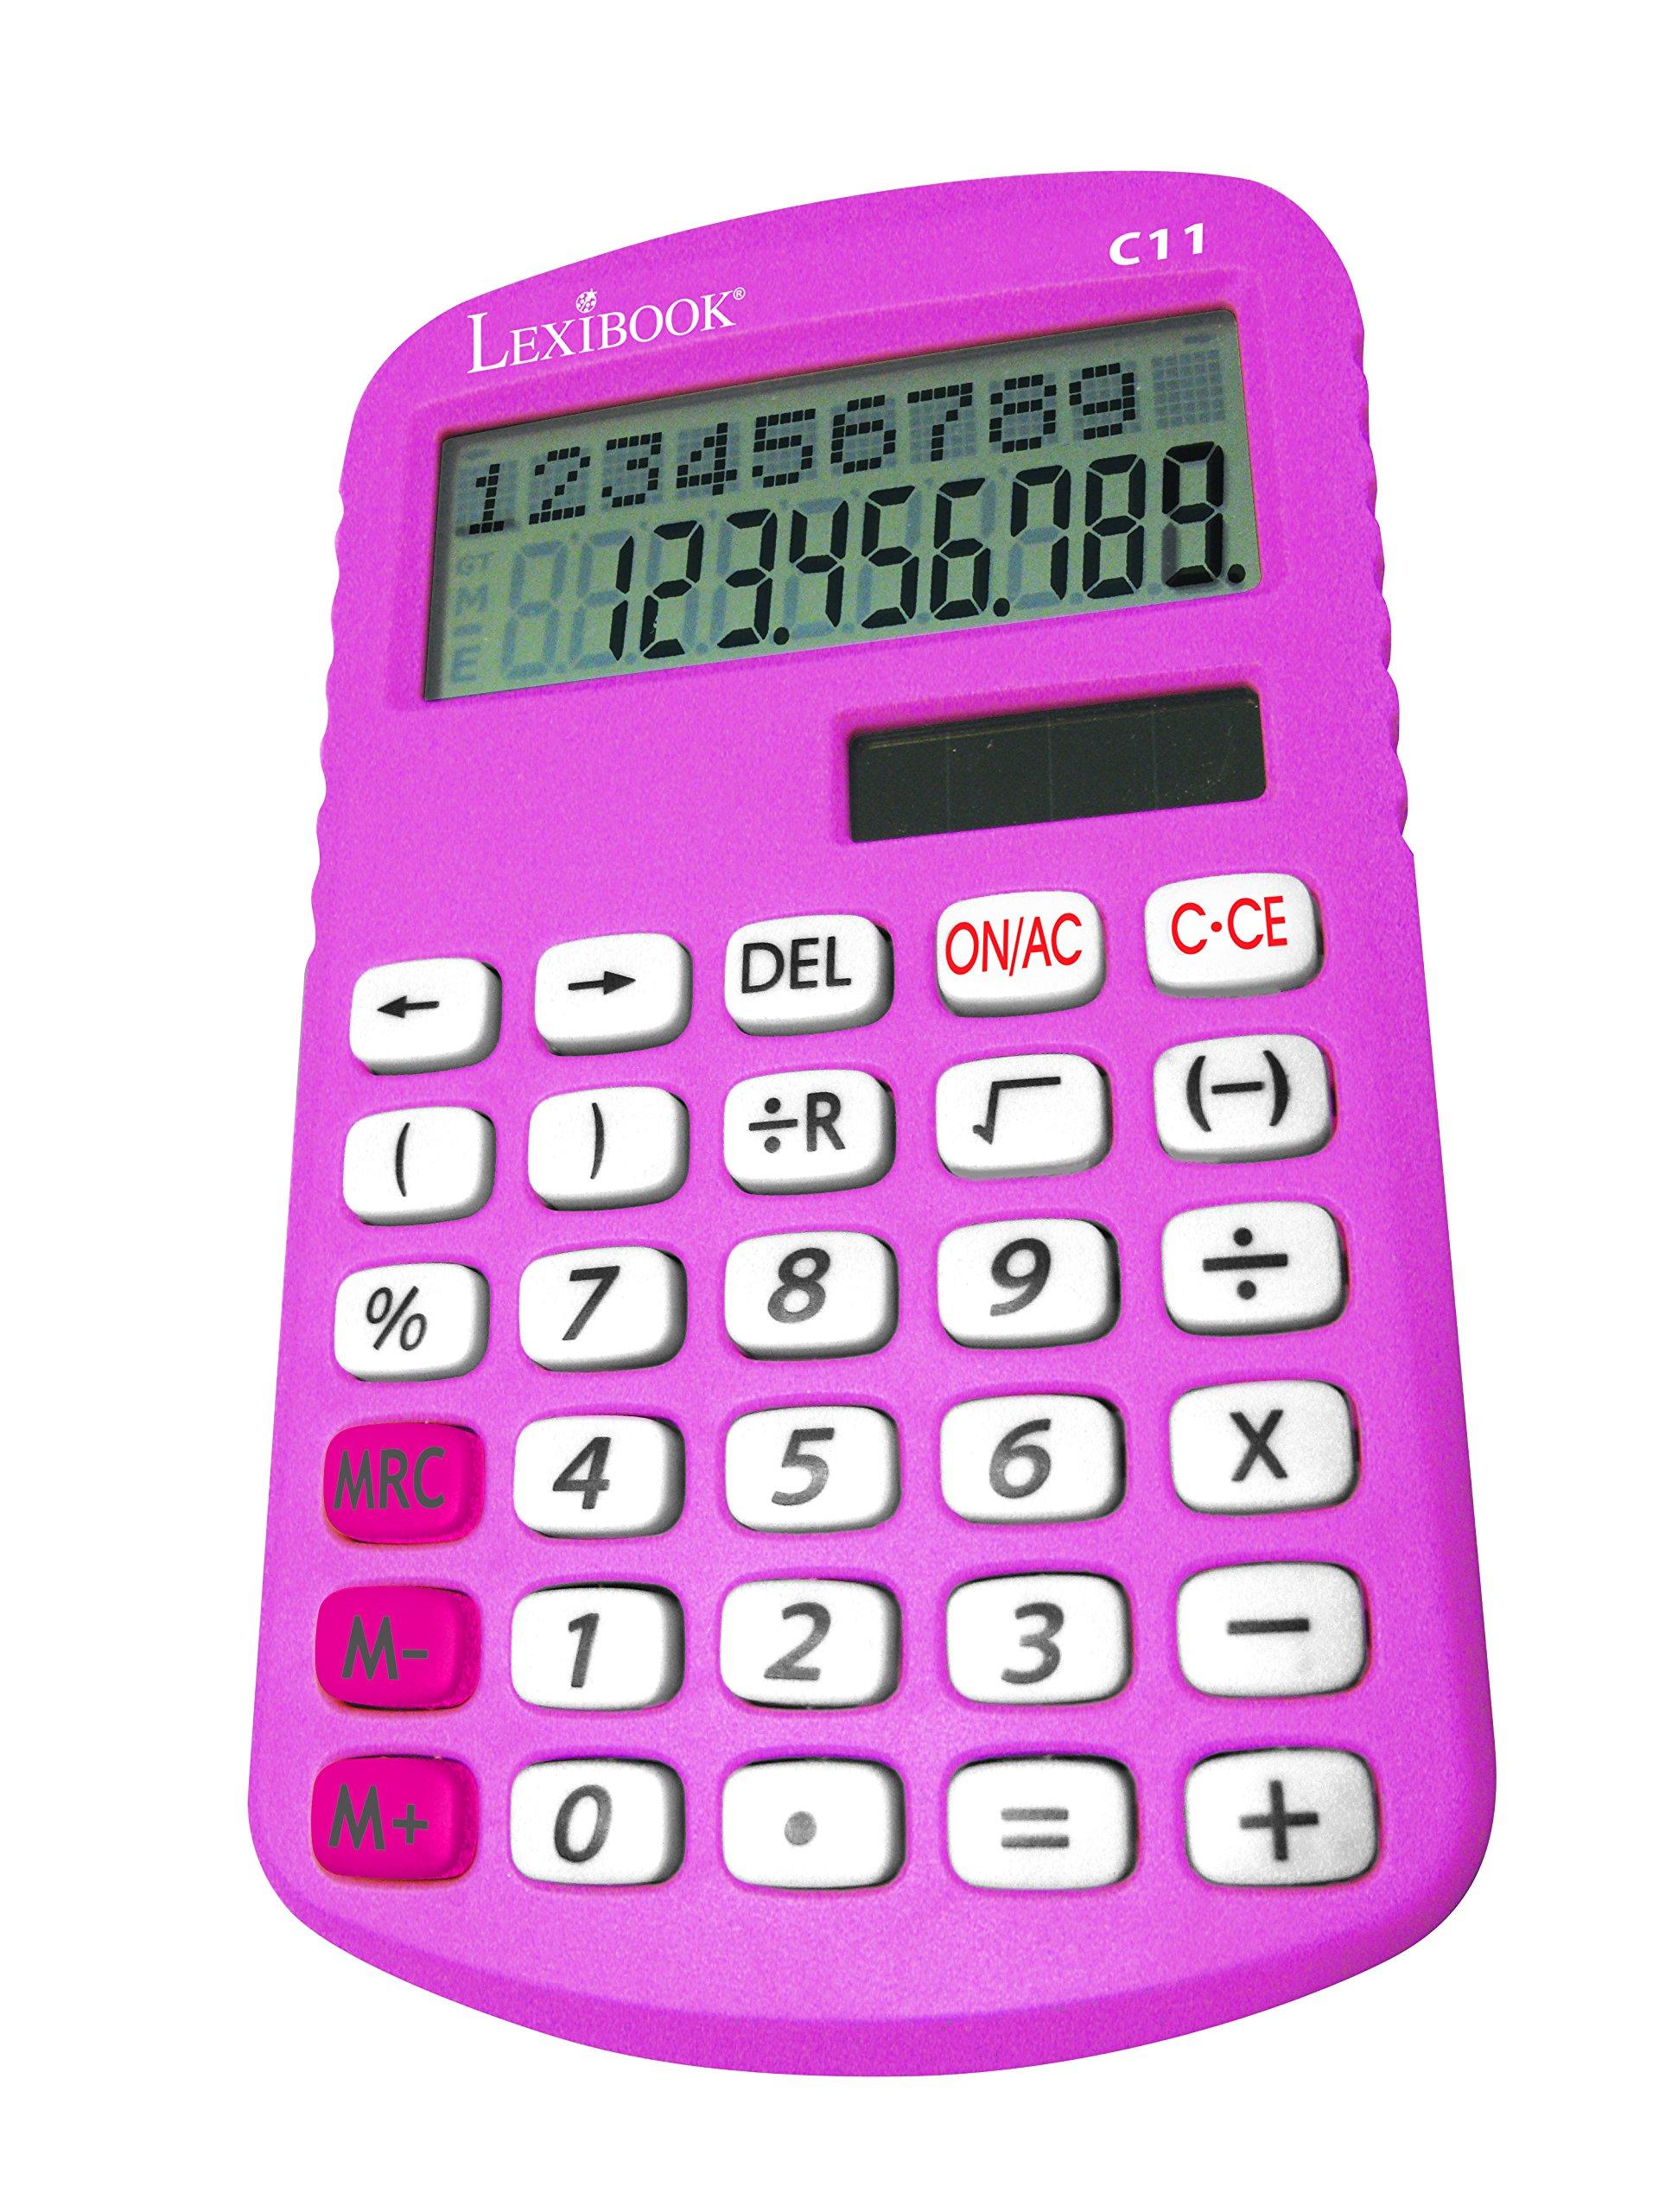 Lexibook C11Z - Calcolatrice Linea Doppia, 10 cifre, Funzioni tradizionali e avanzate, Scuola elemen